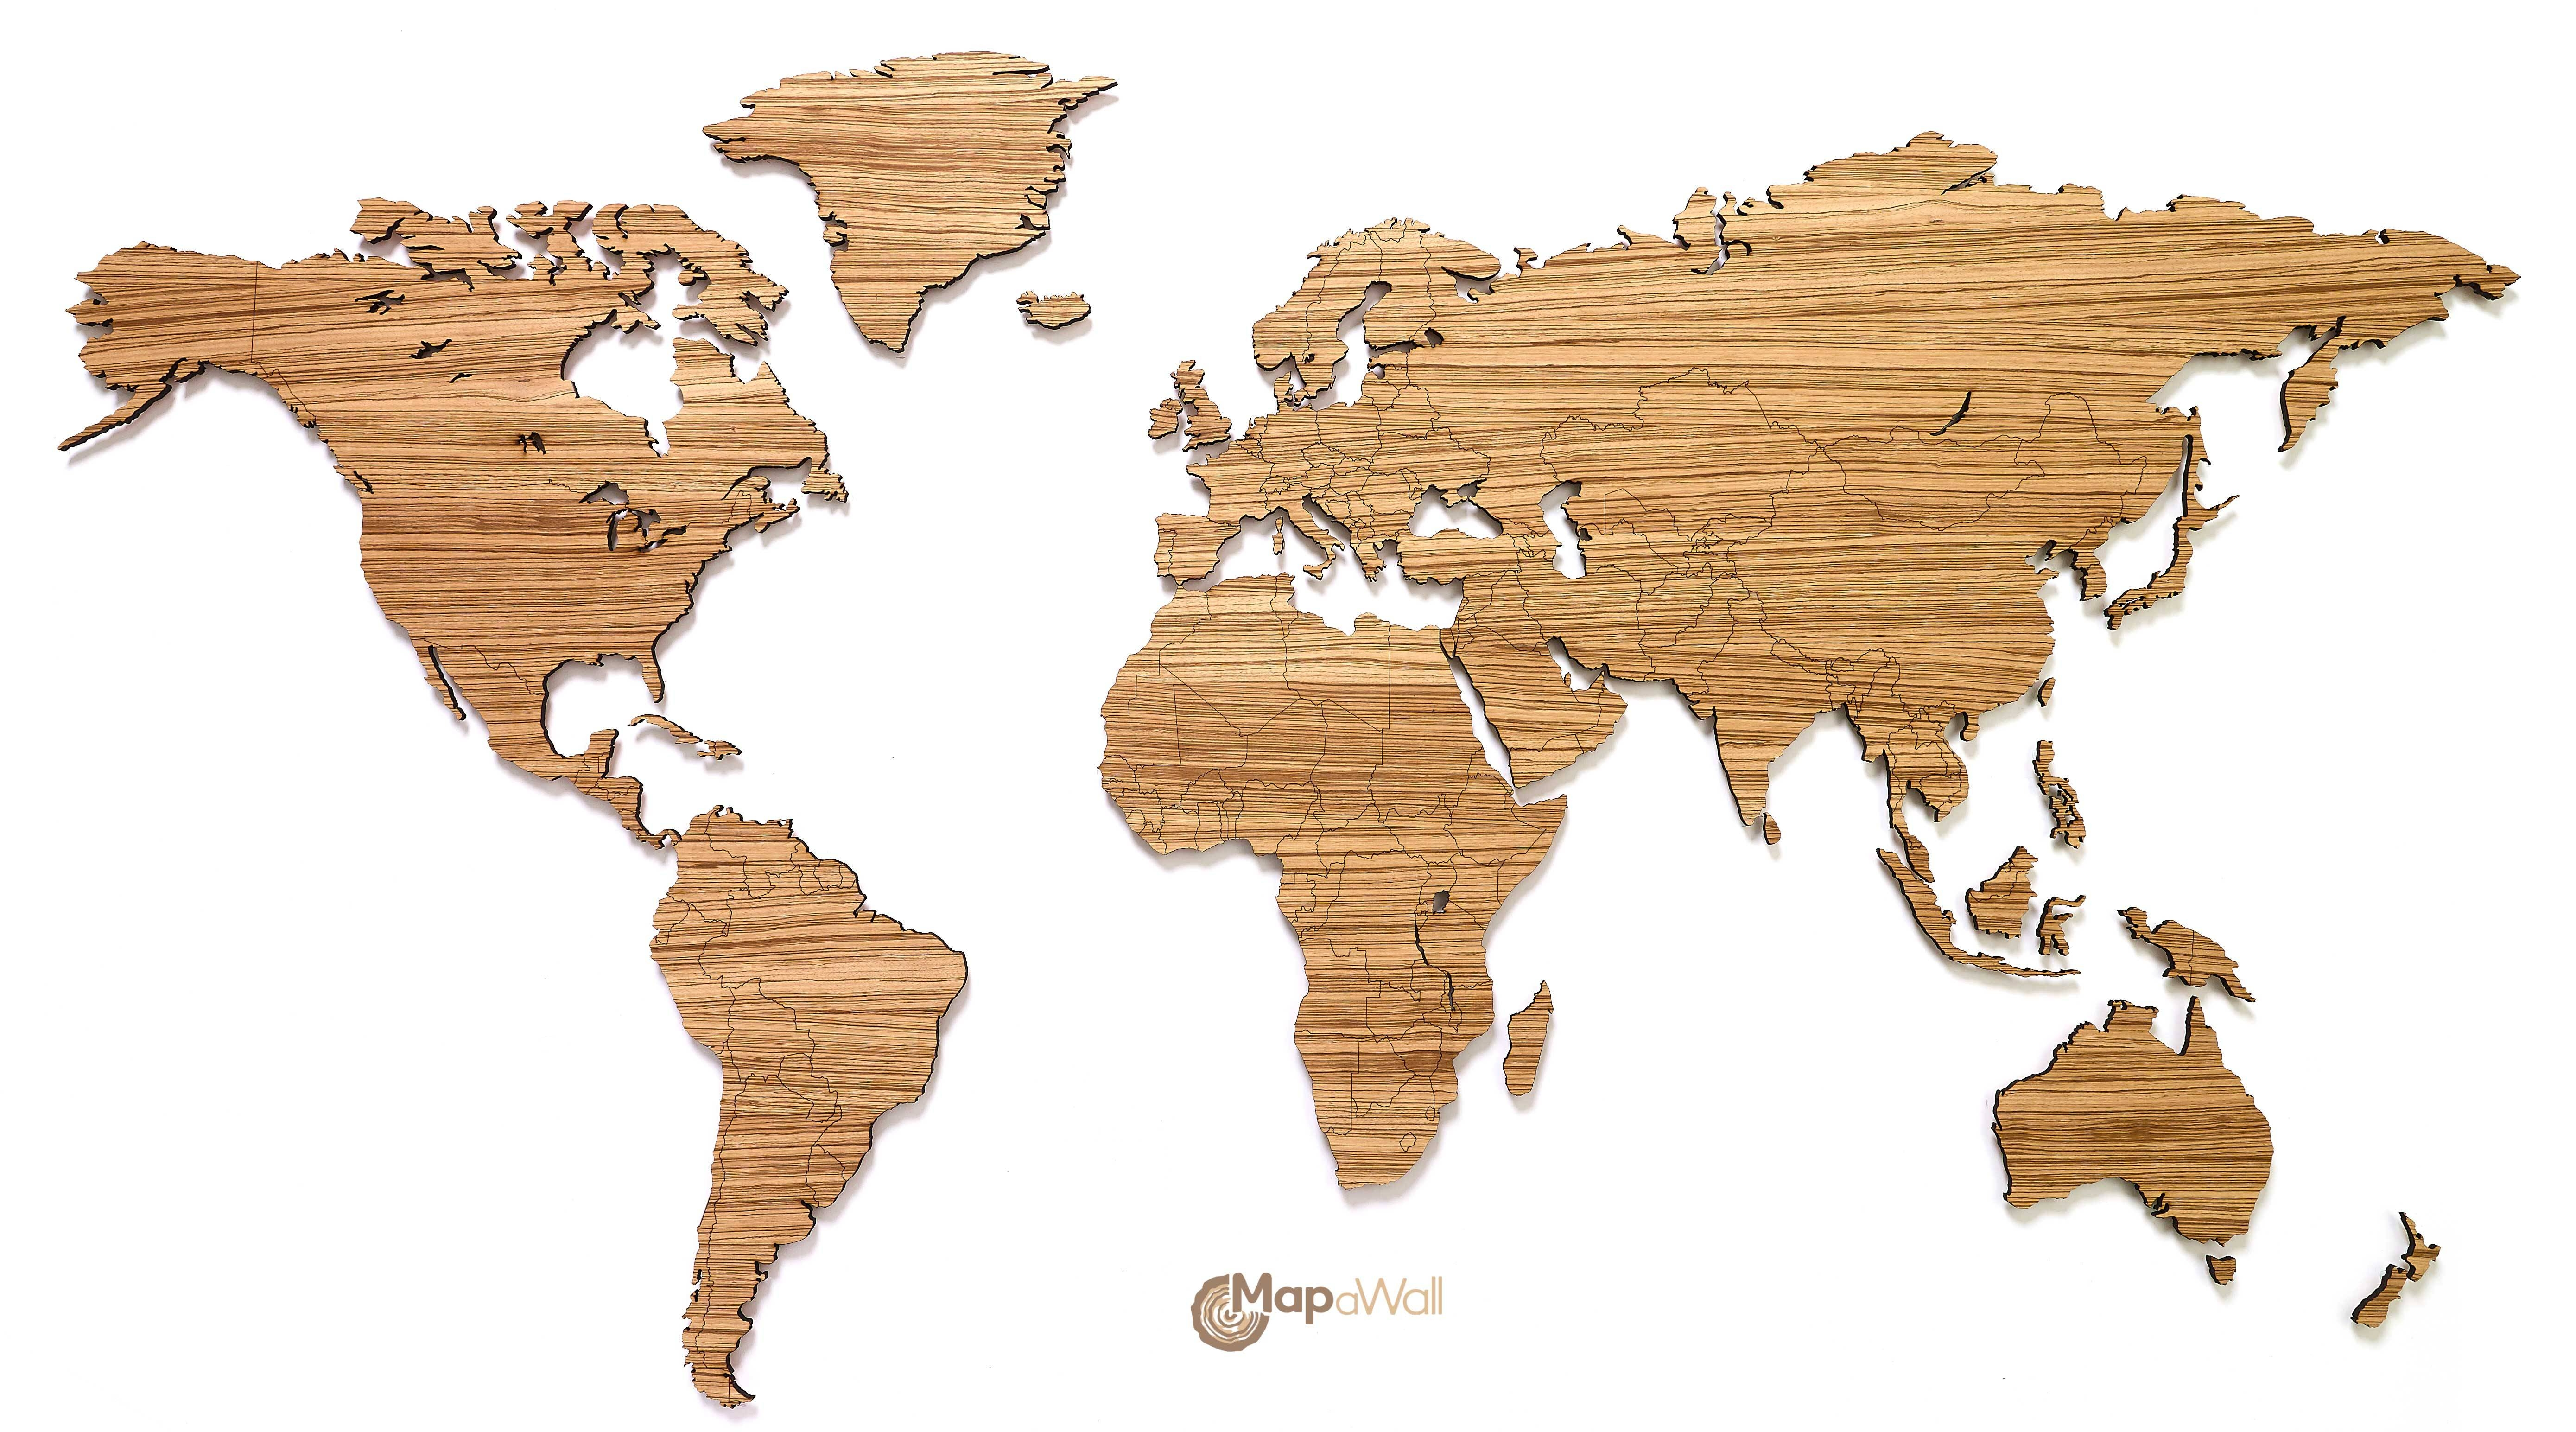 Wooden World Map Wall Art My Blog At – Besttabletfor Regarding 2017 World Map Wood Wall Art (View 17 of 20)